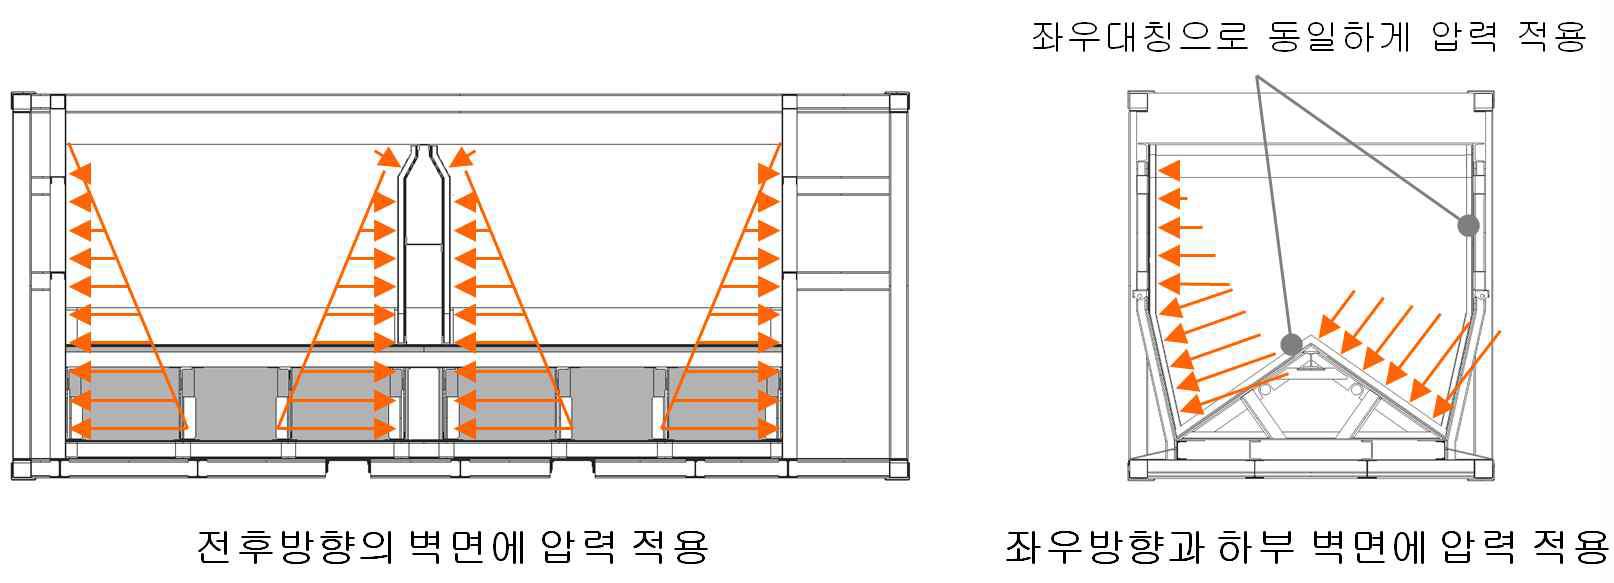 그림 3-42 호퍼형 일관수송용기 구조해석을 위한 하중조건